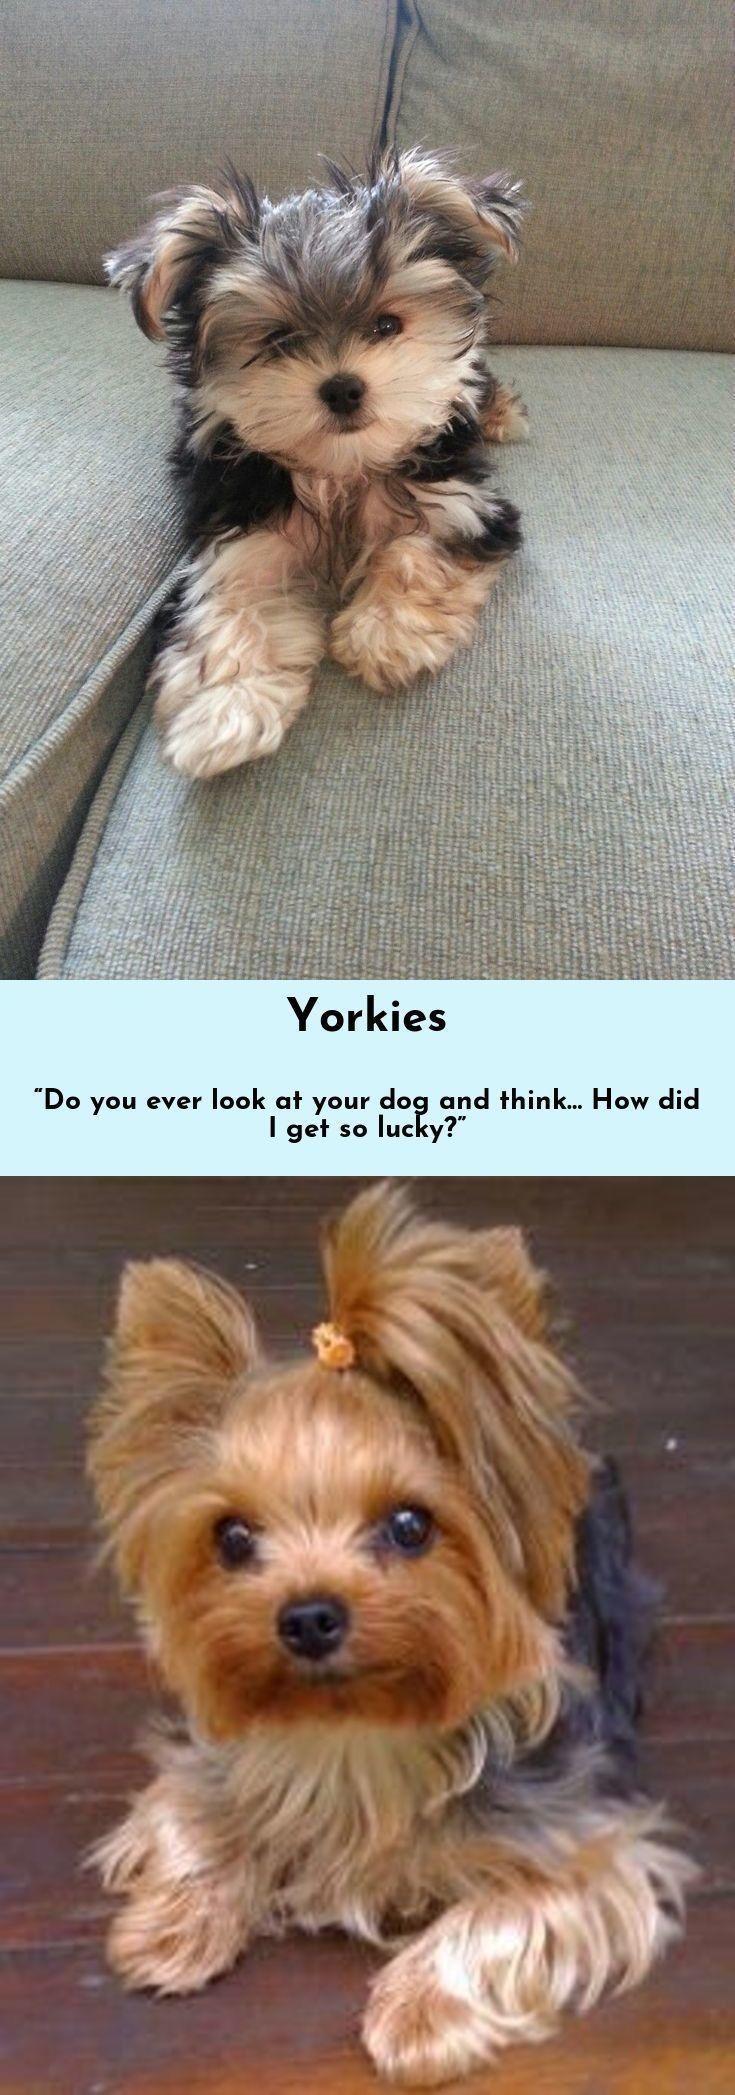 Sprüche Mit Hunden Und Bildern Für Facebook - Sprüche Mit Hunden Und Bildern Für Facebook